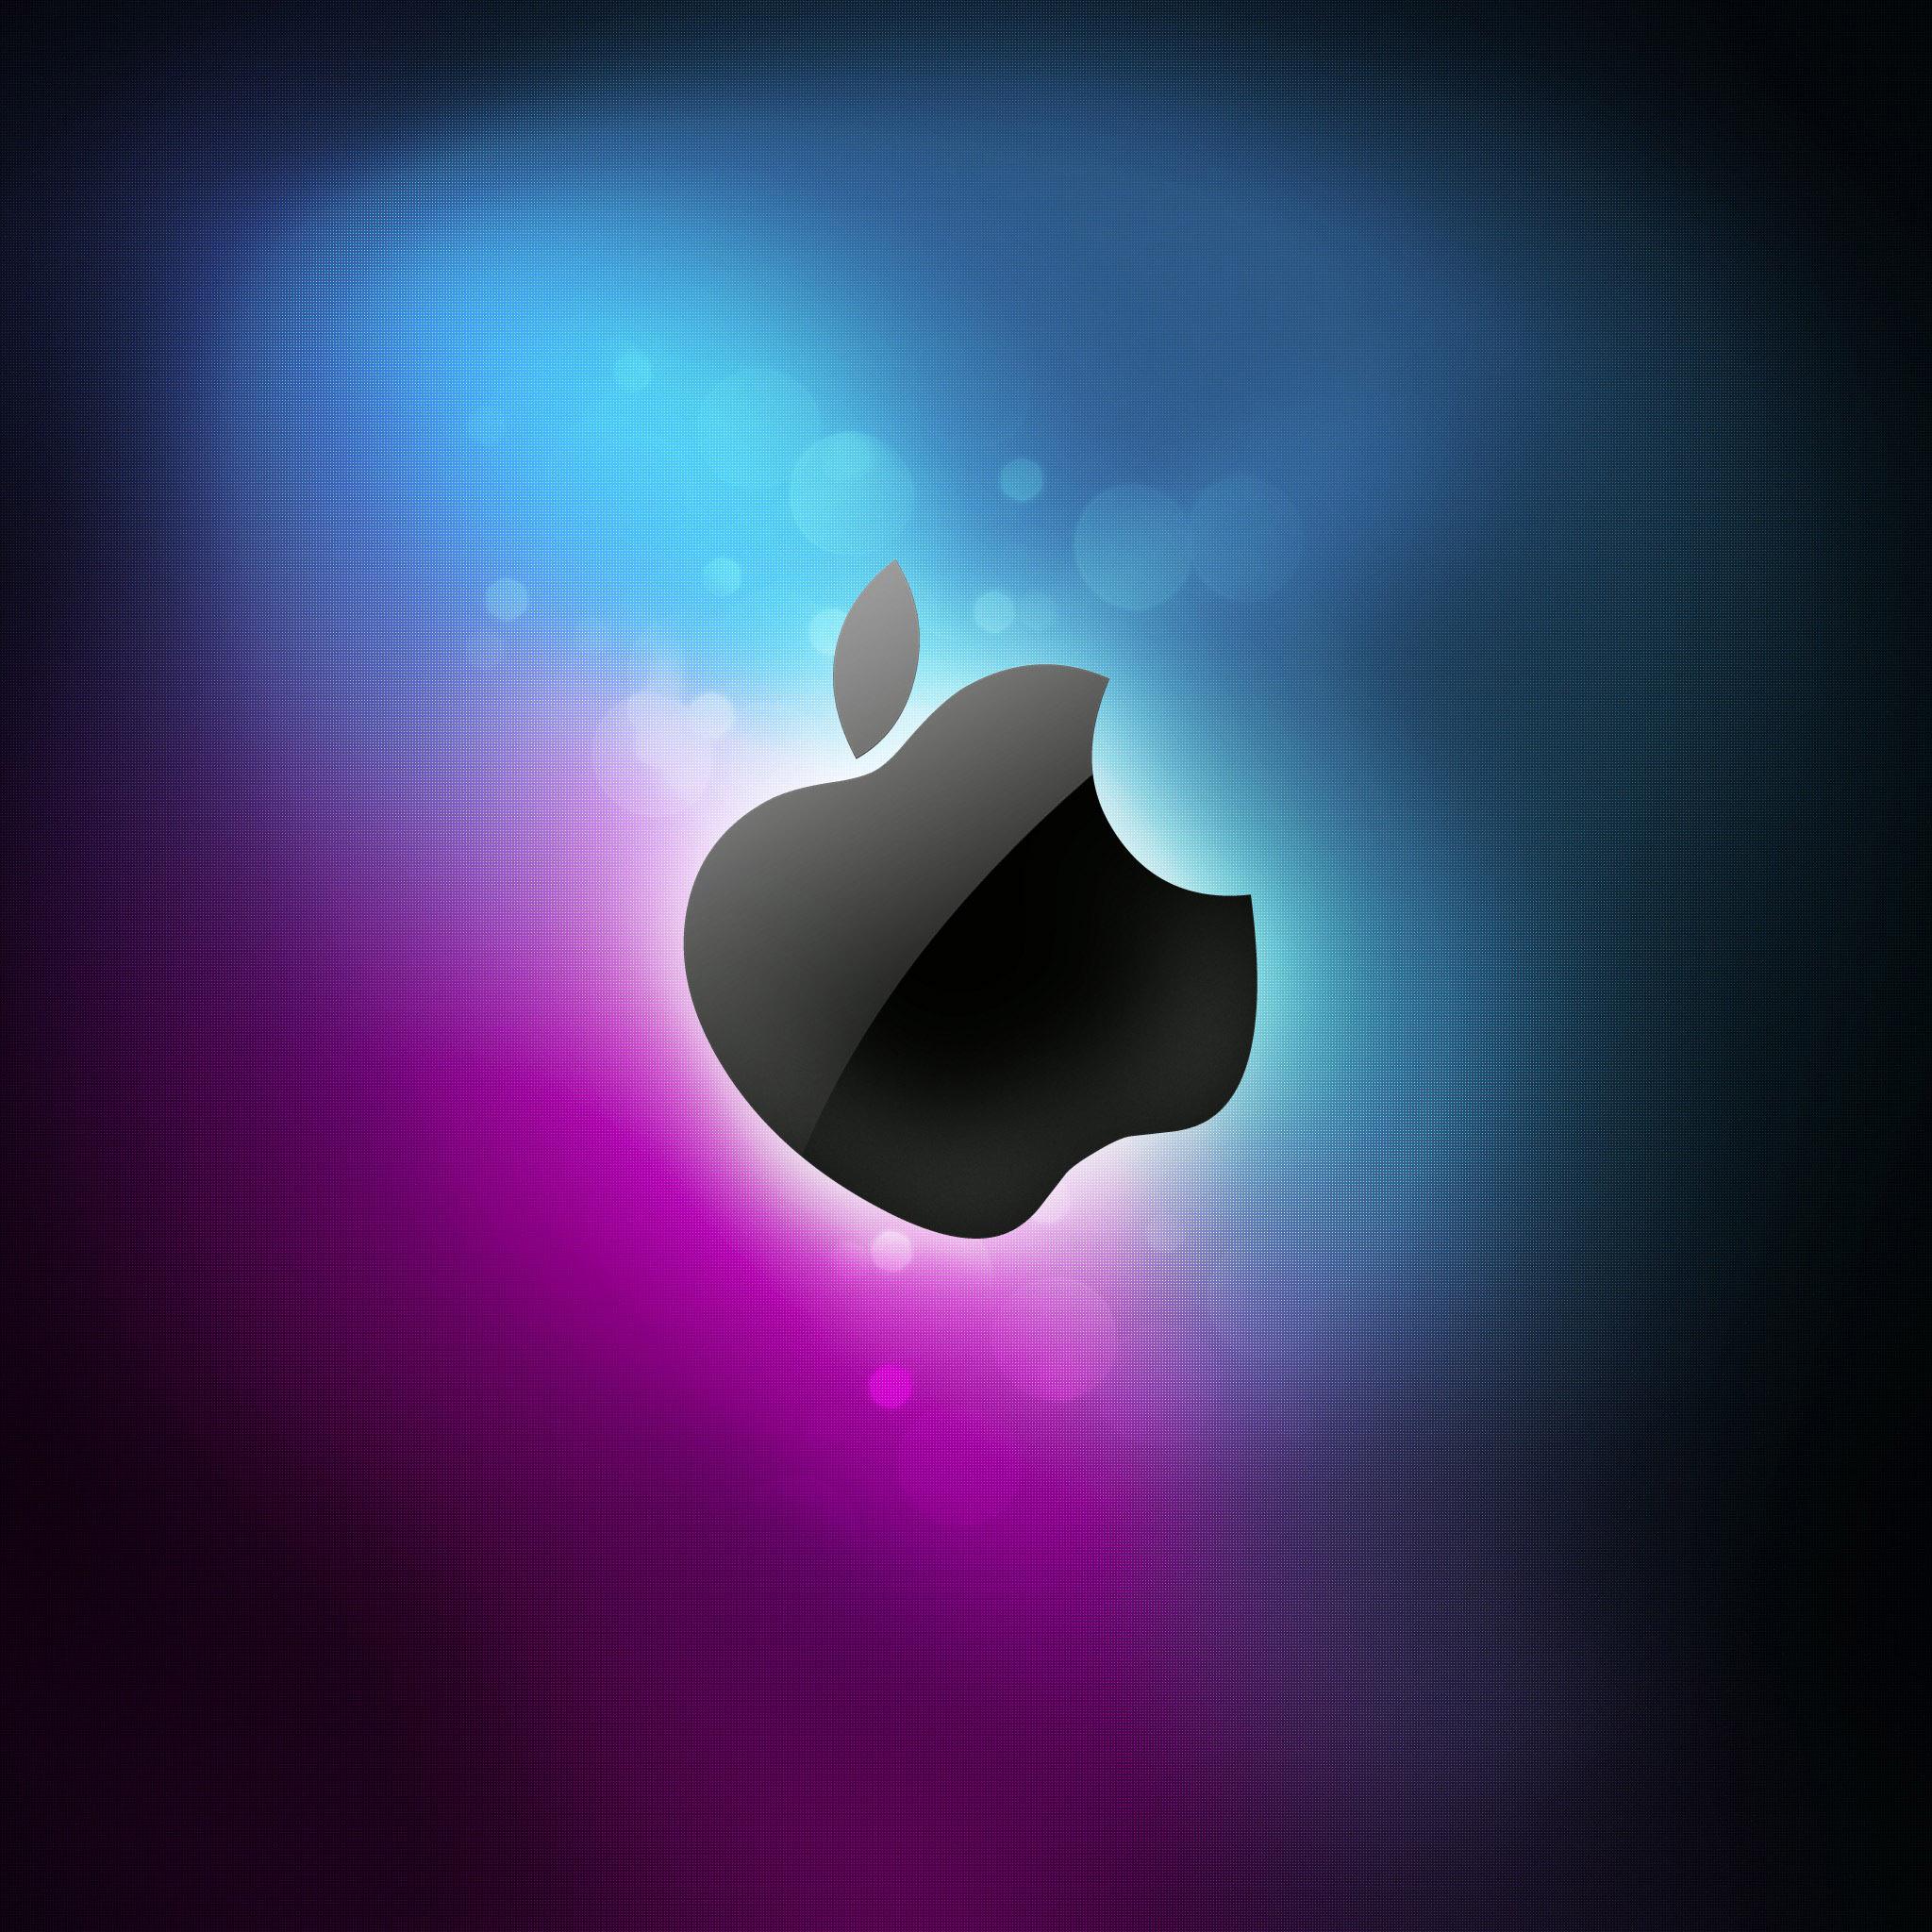 iPad Wallpapers HD apple logo   Apple iPad iPad 2 iPad mini 2048x2048